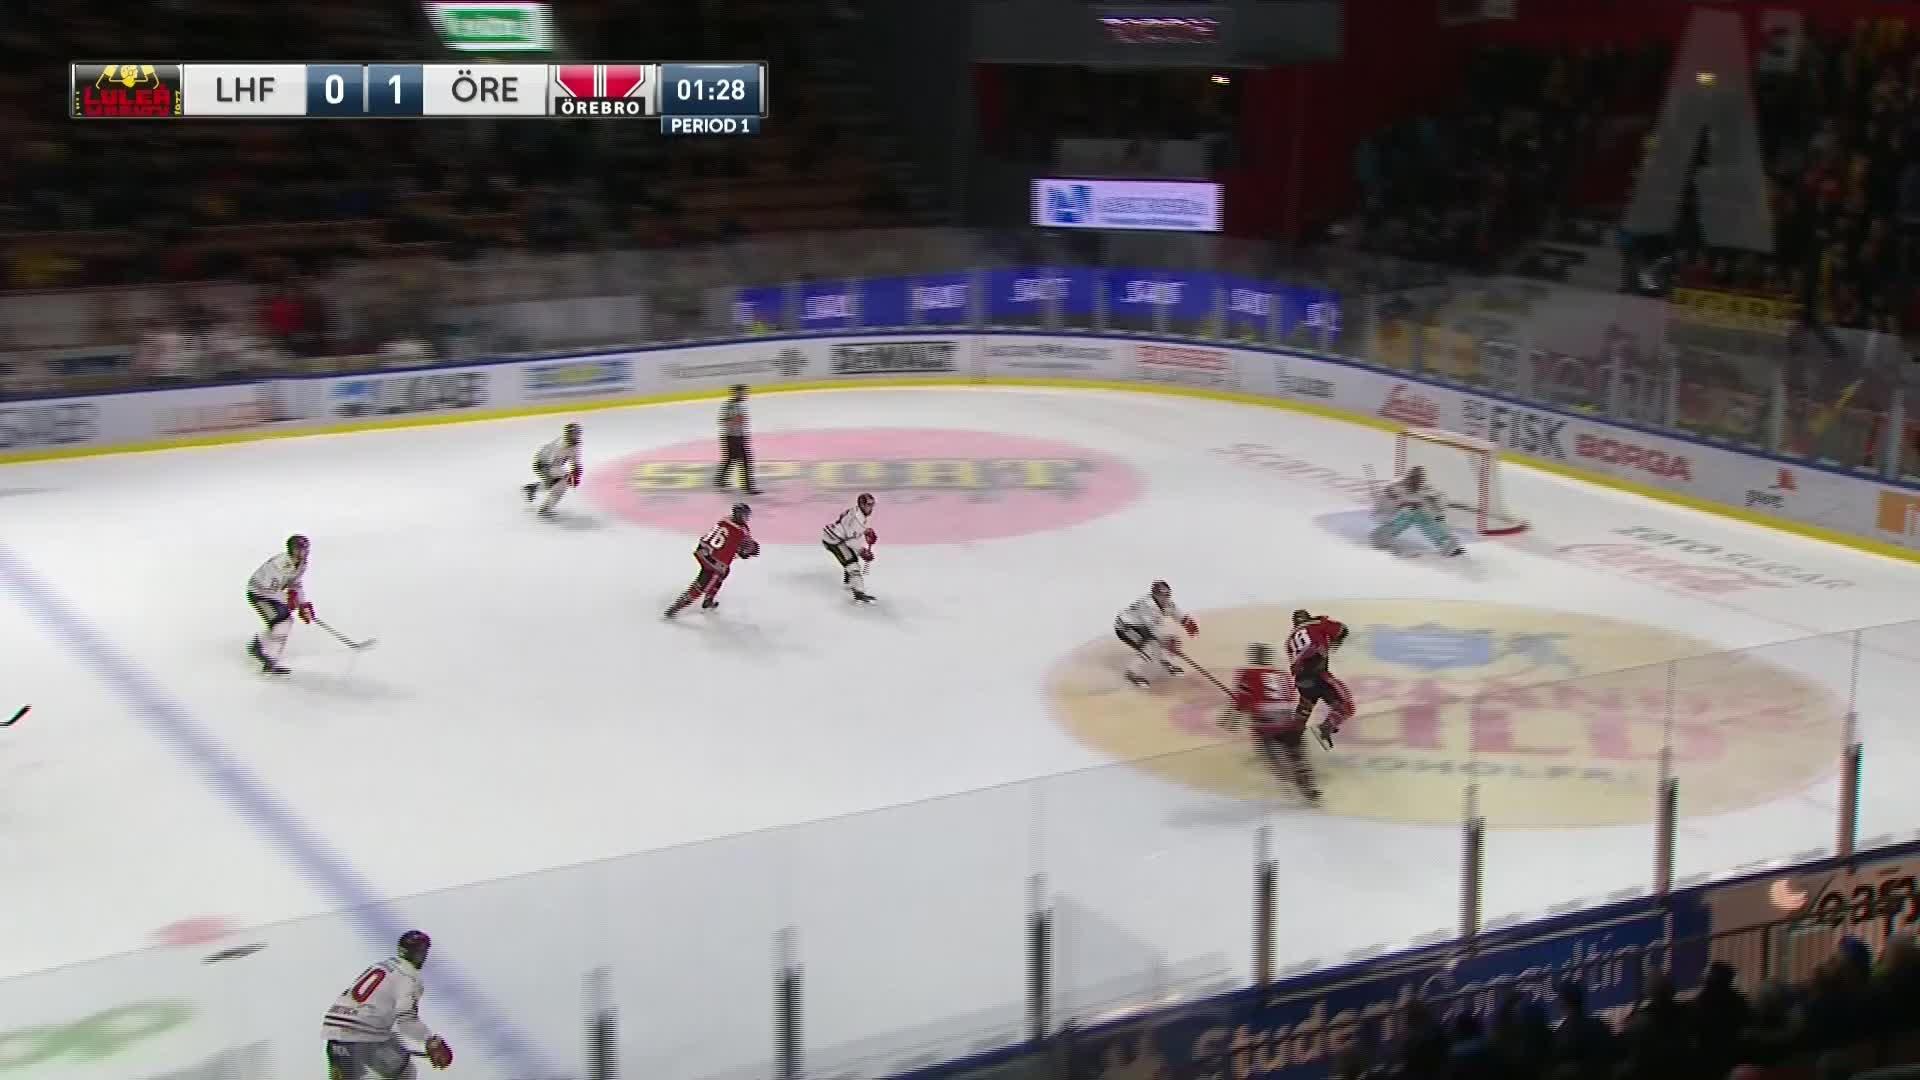 Luleå Hockey - Örebro Hockey 1-1